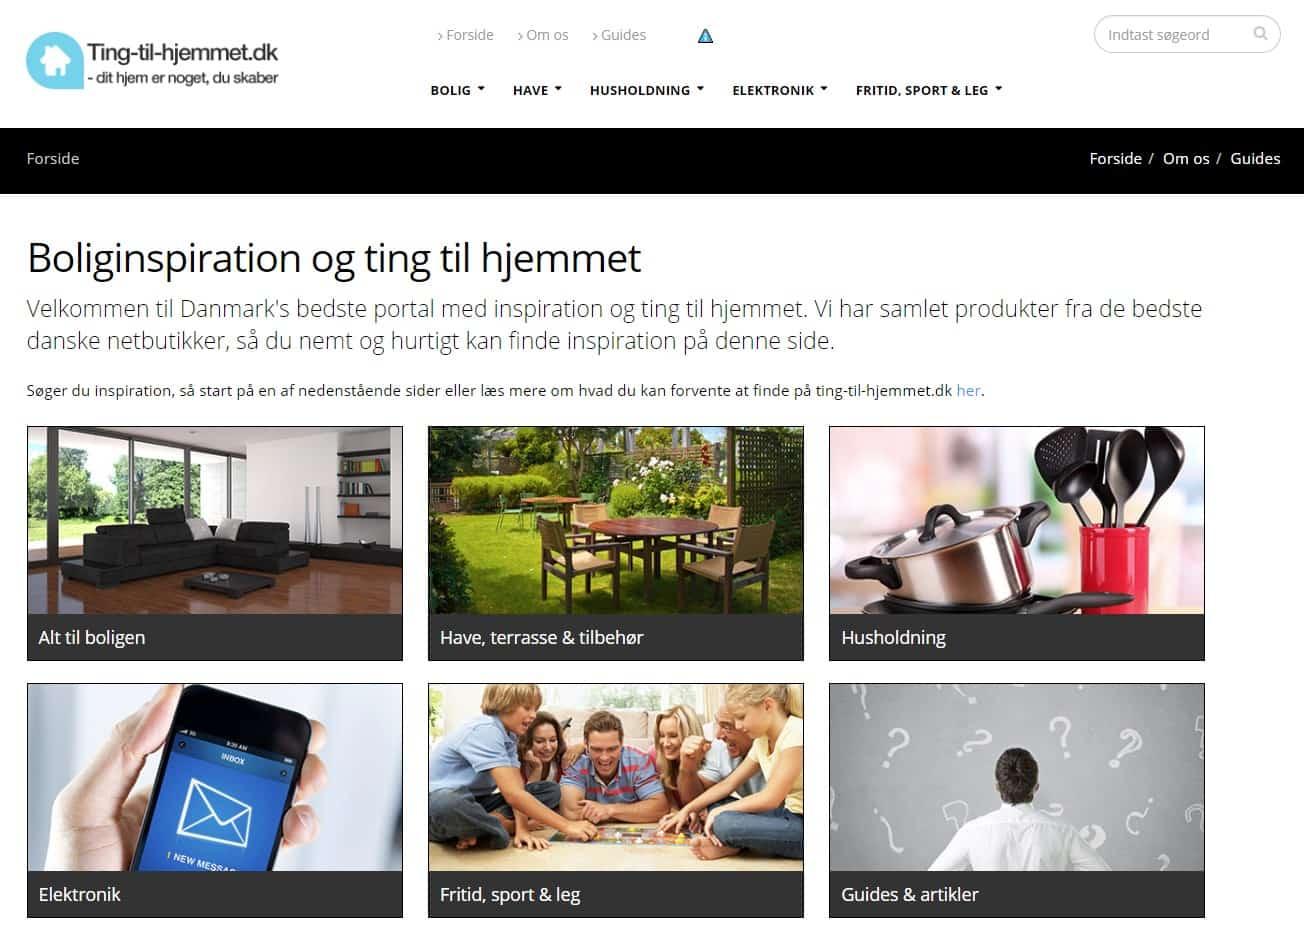 Ting-til-hjemmet.dk